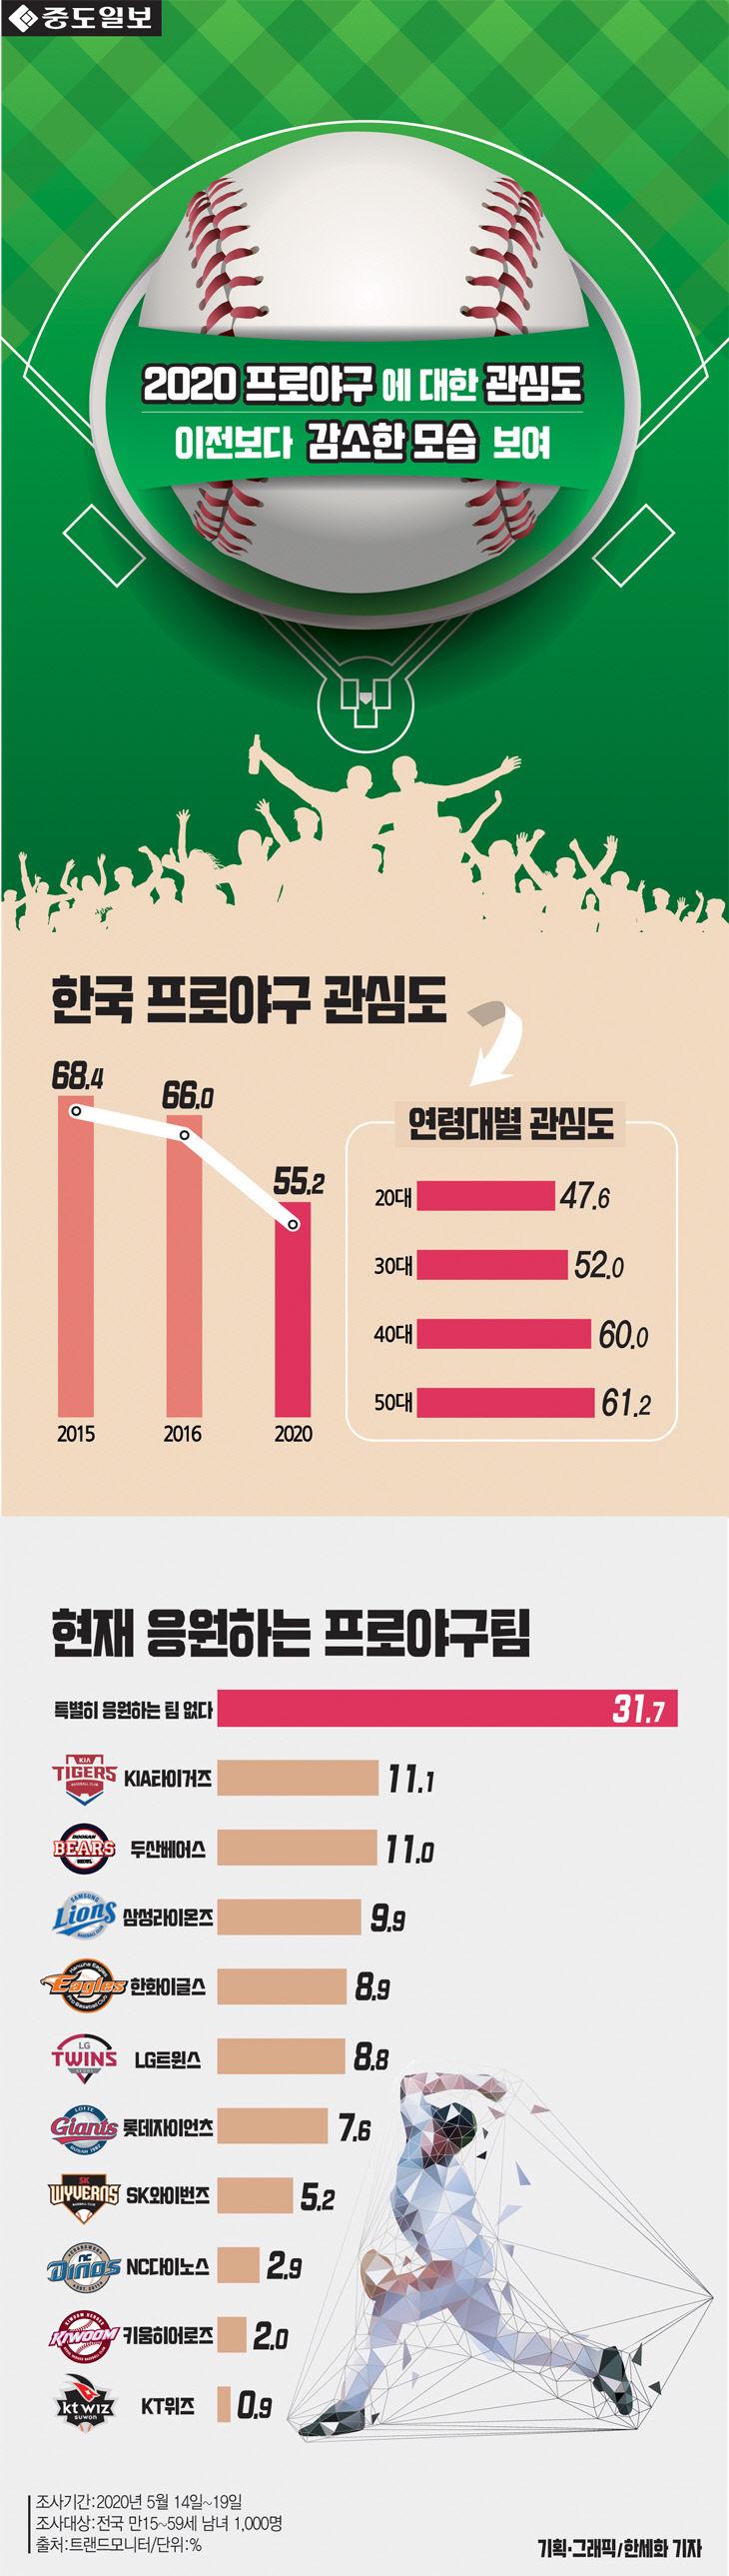 [인포그래픽] 코로나 여파 속 치러진 2020 프로야구 `무관중` 경기... 한국야구 관심..